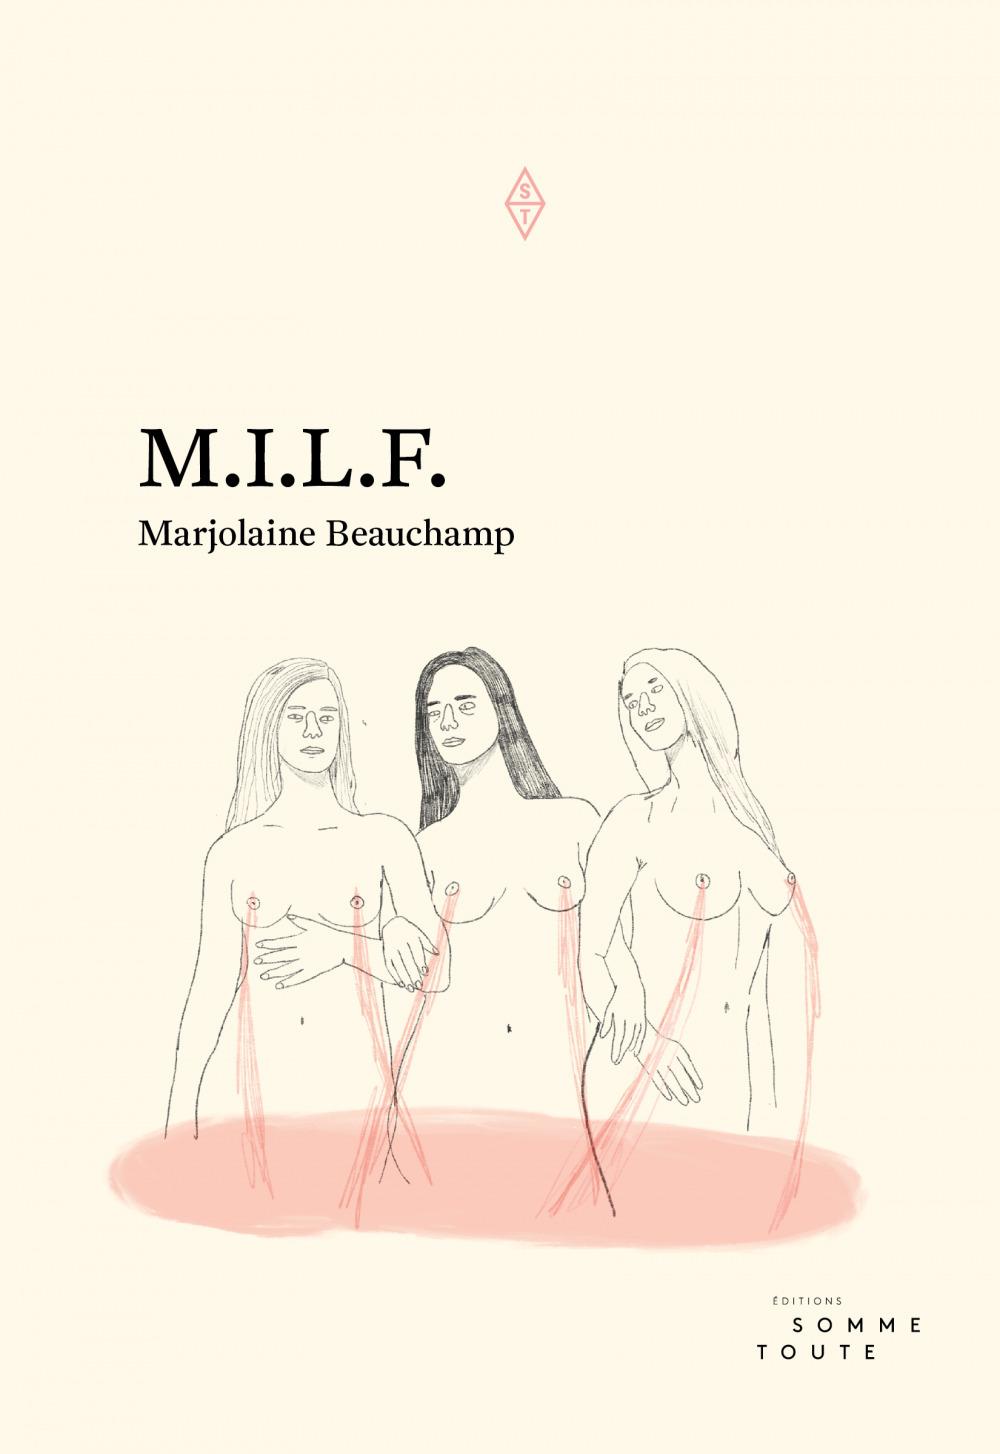 M.I.L.F.